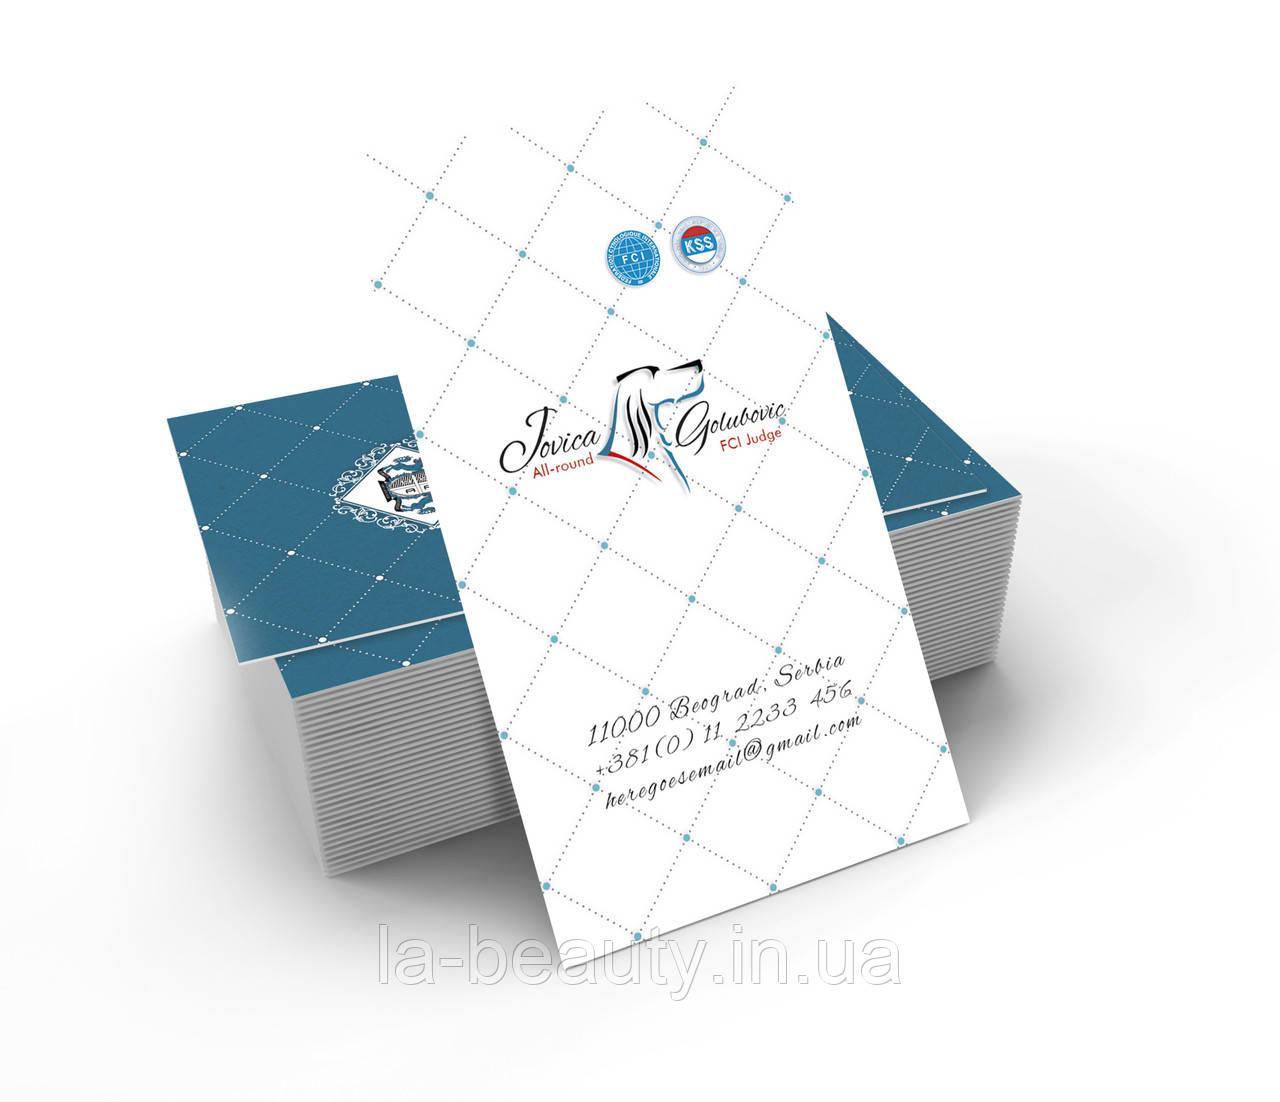 Дизайн визиток судьи (эксперта) FCI